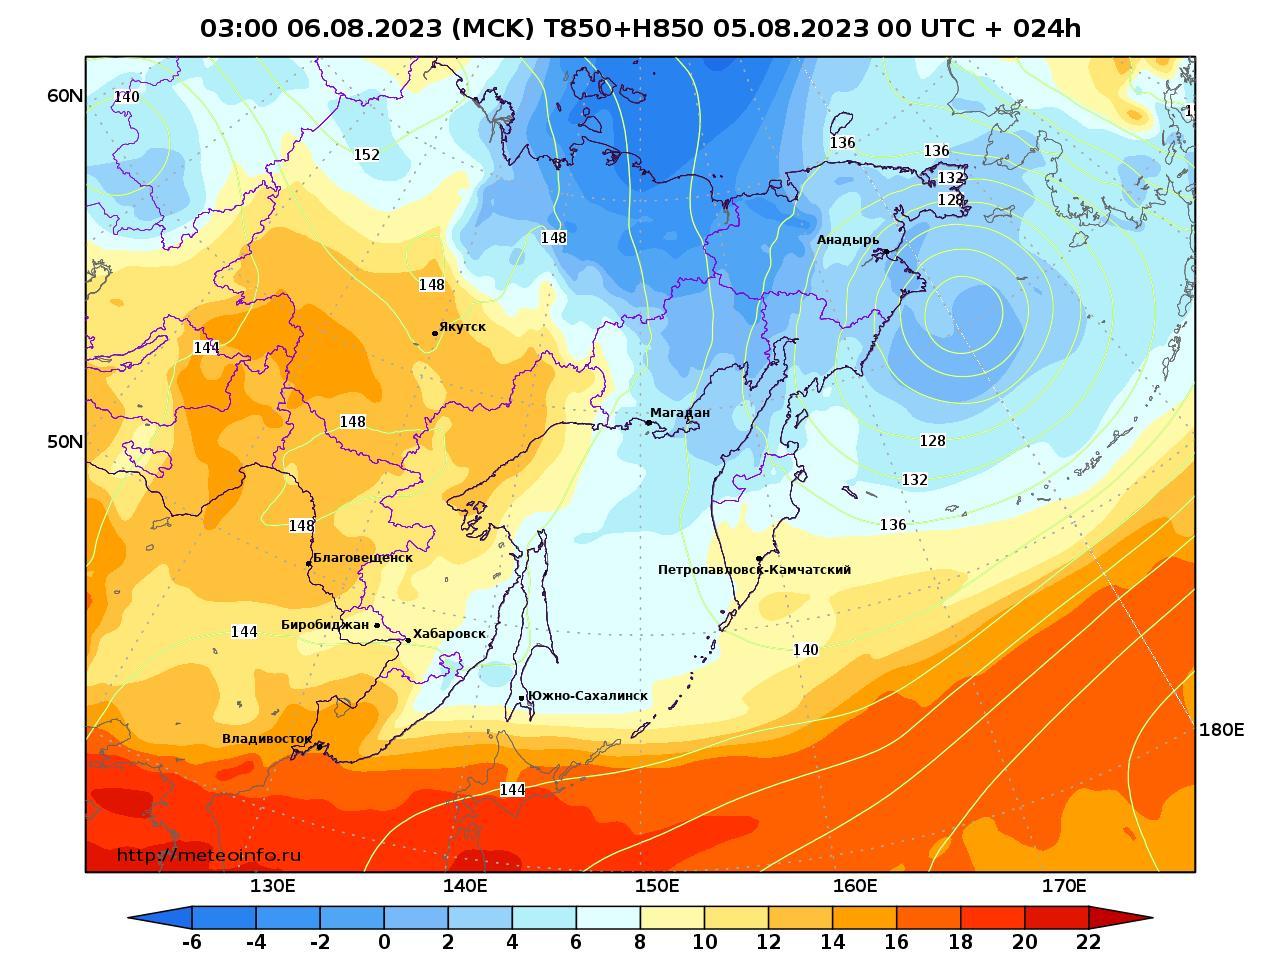 Дальний Восток, прогностическая карта температура T850 и геопотенциал H850, заблаговременность прогноза 24 часа